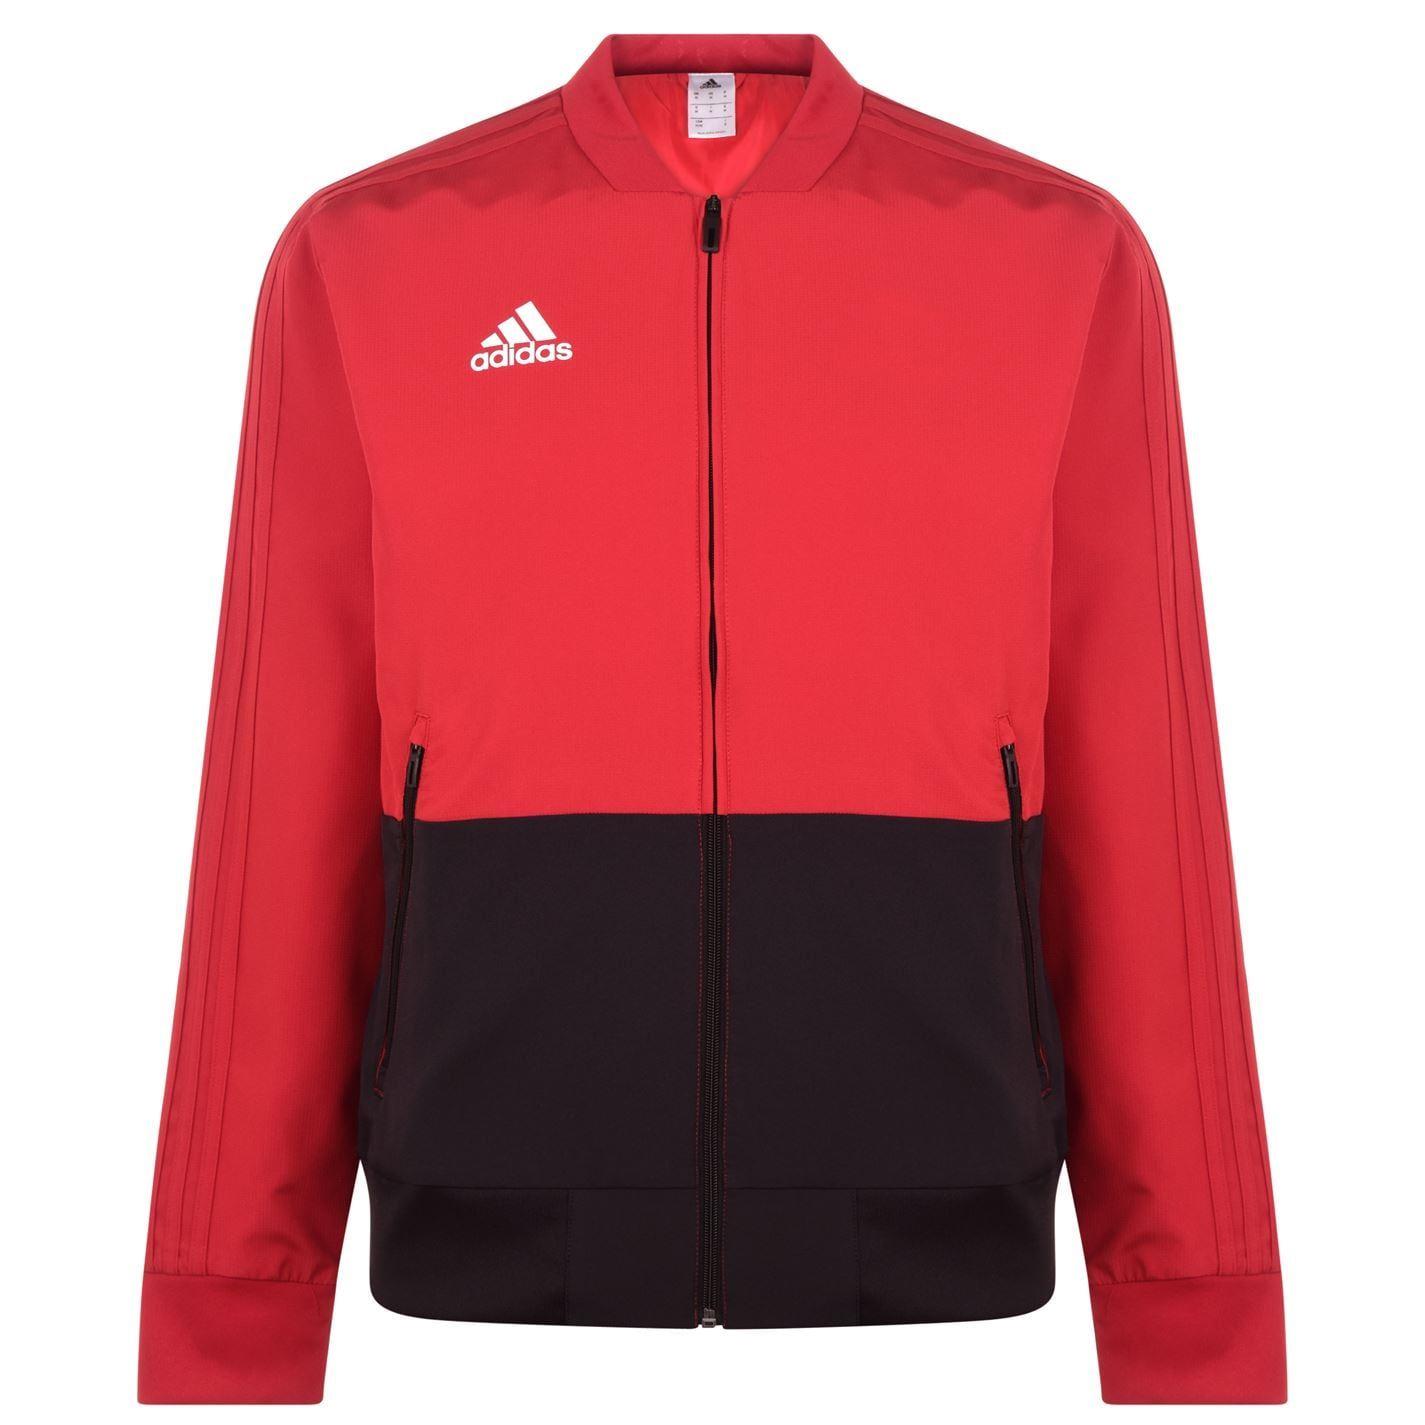 Détails sur Adidas Pré Match Survêtement Veste Hommes RougeNoir Football Piste Haut